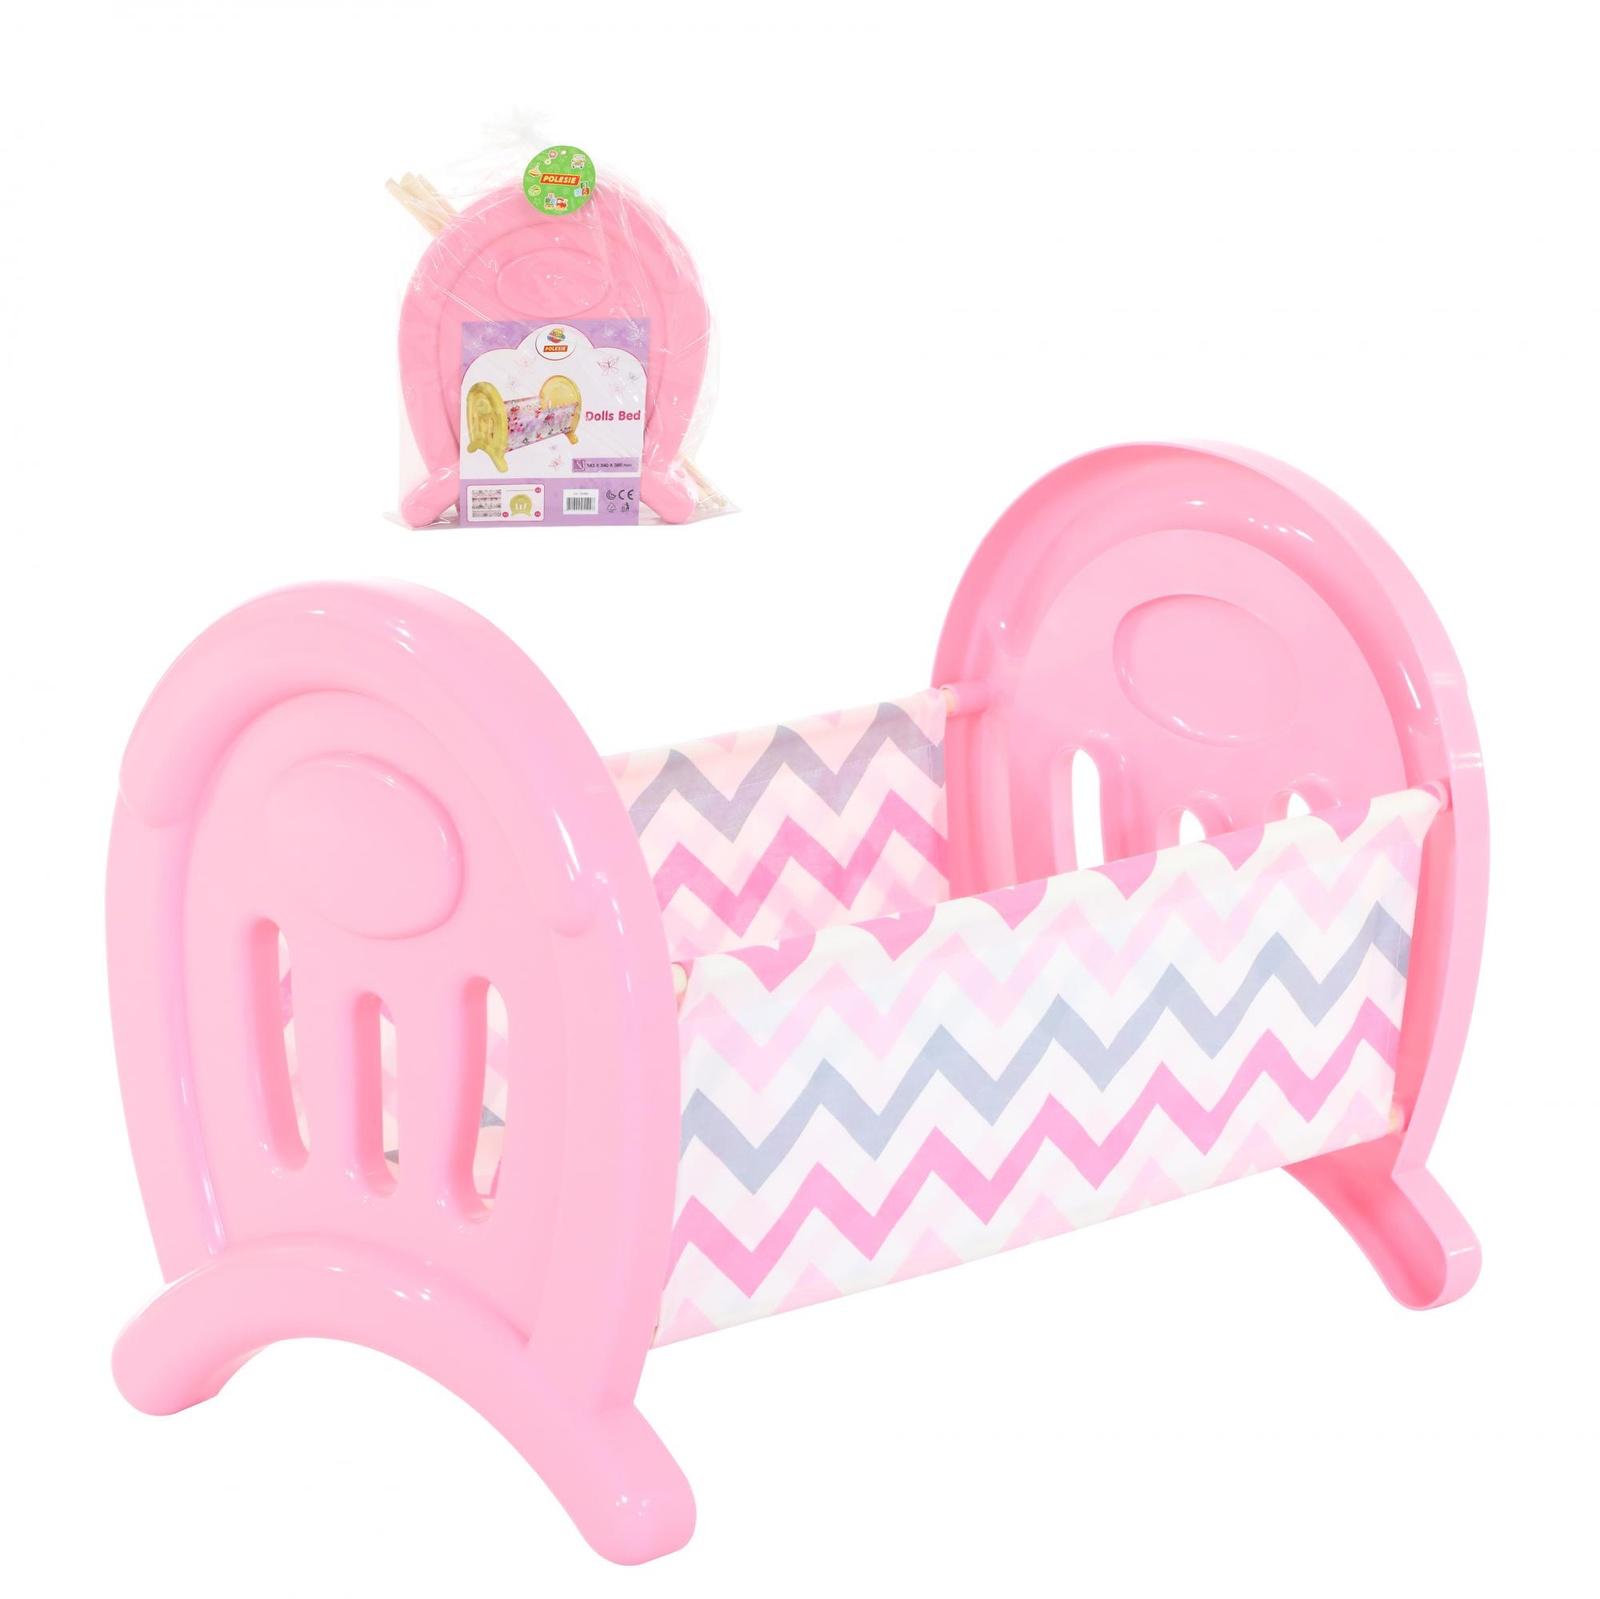 Кроватка Coloma Y Pastor 55996_PLS, сборная, для кукол, розовый кроватка качалка для кукол полесье кроватка качалка сборная для кукол 2